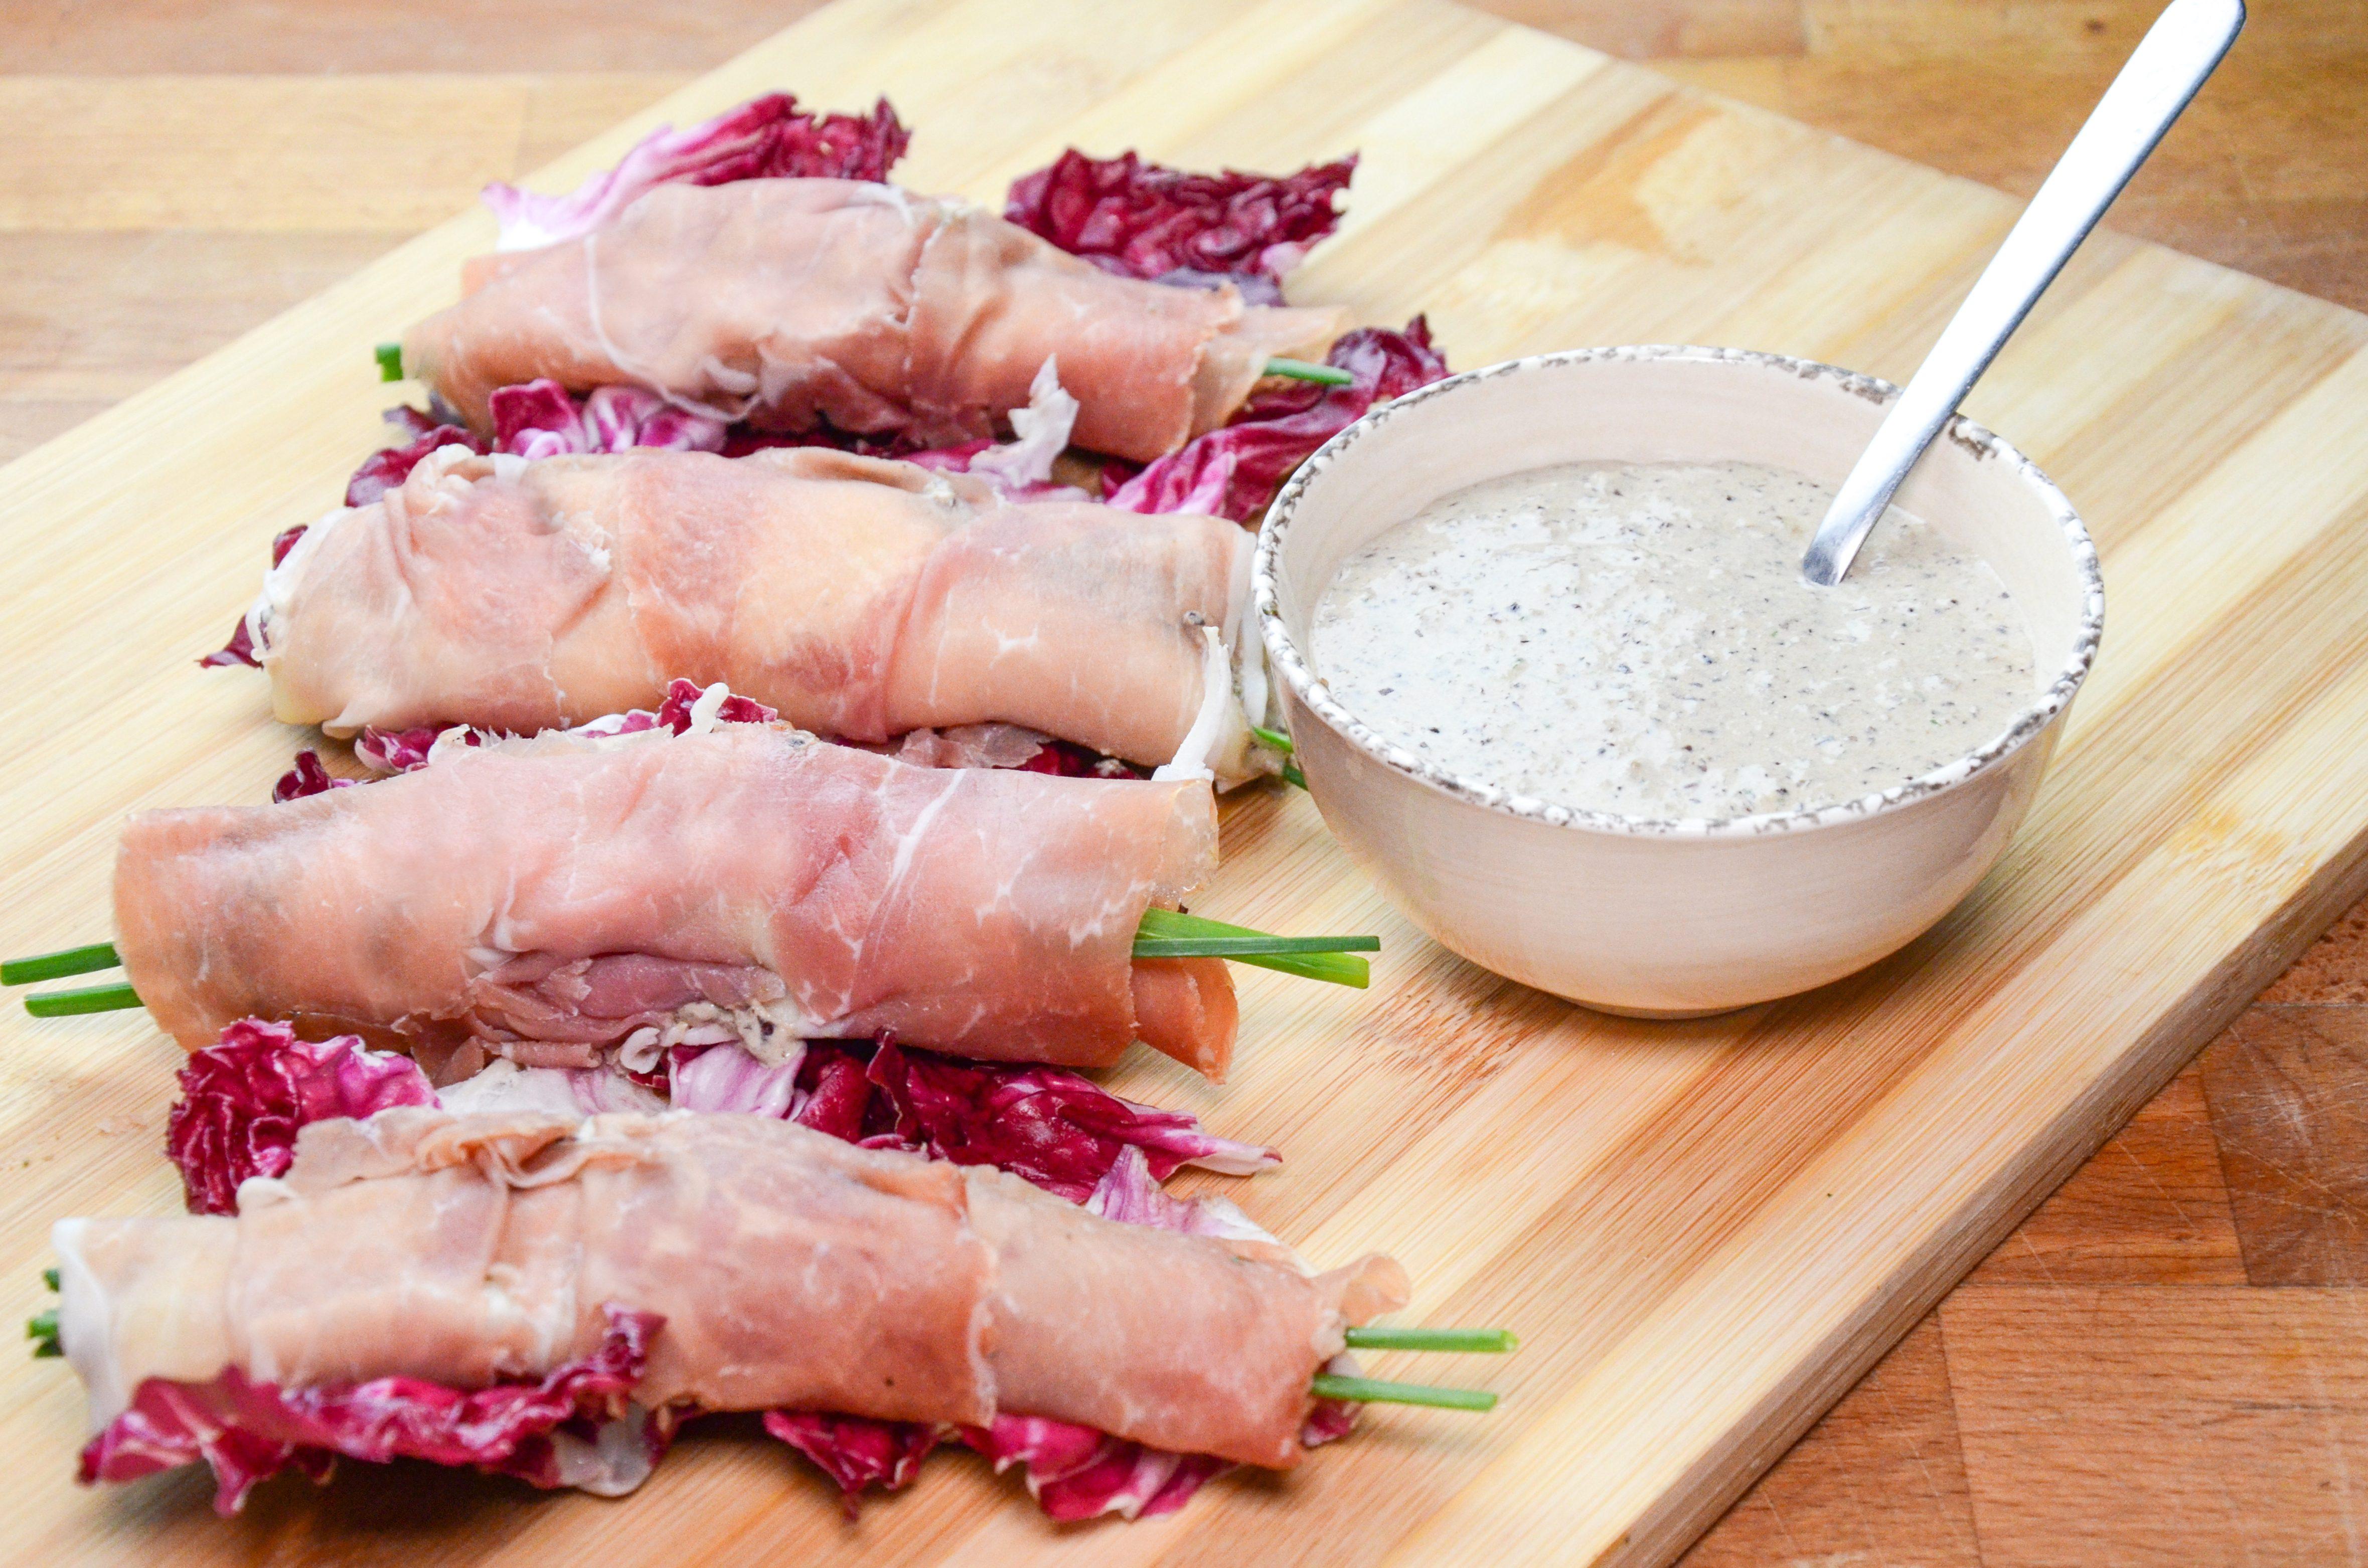 Involtini di prosciutto crudo: la ricetta dell'involtino facile e veloce